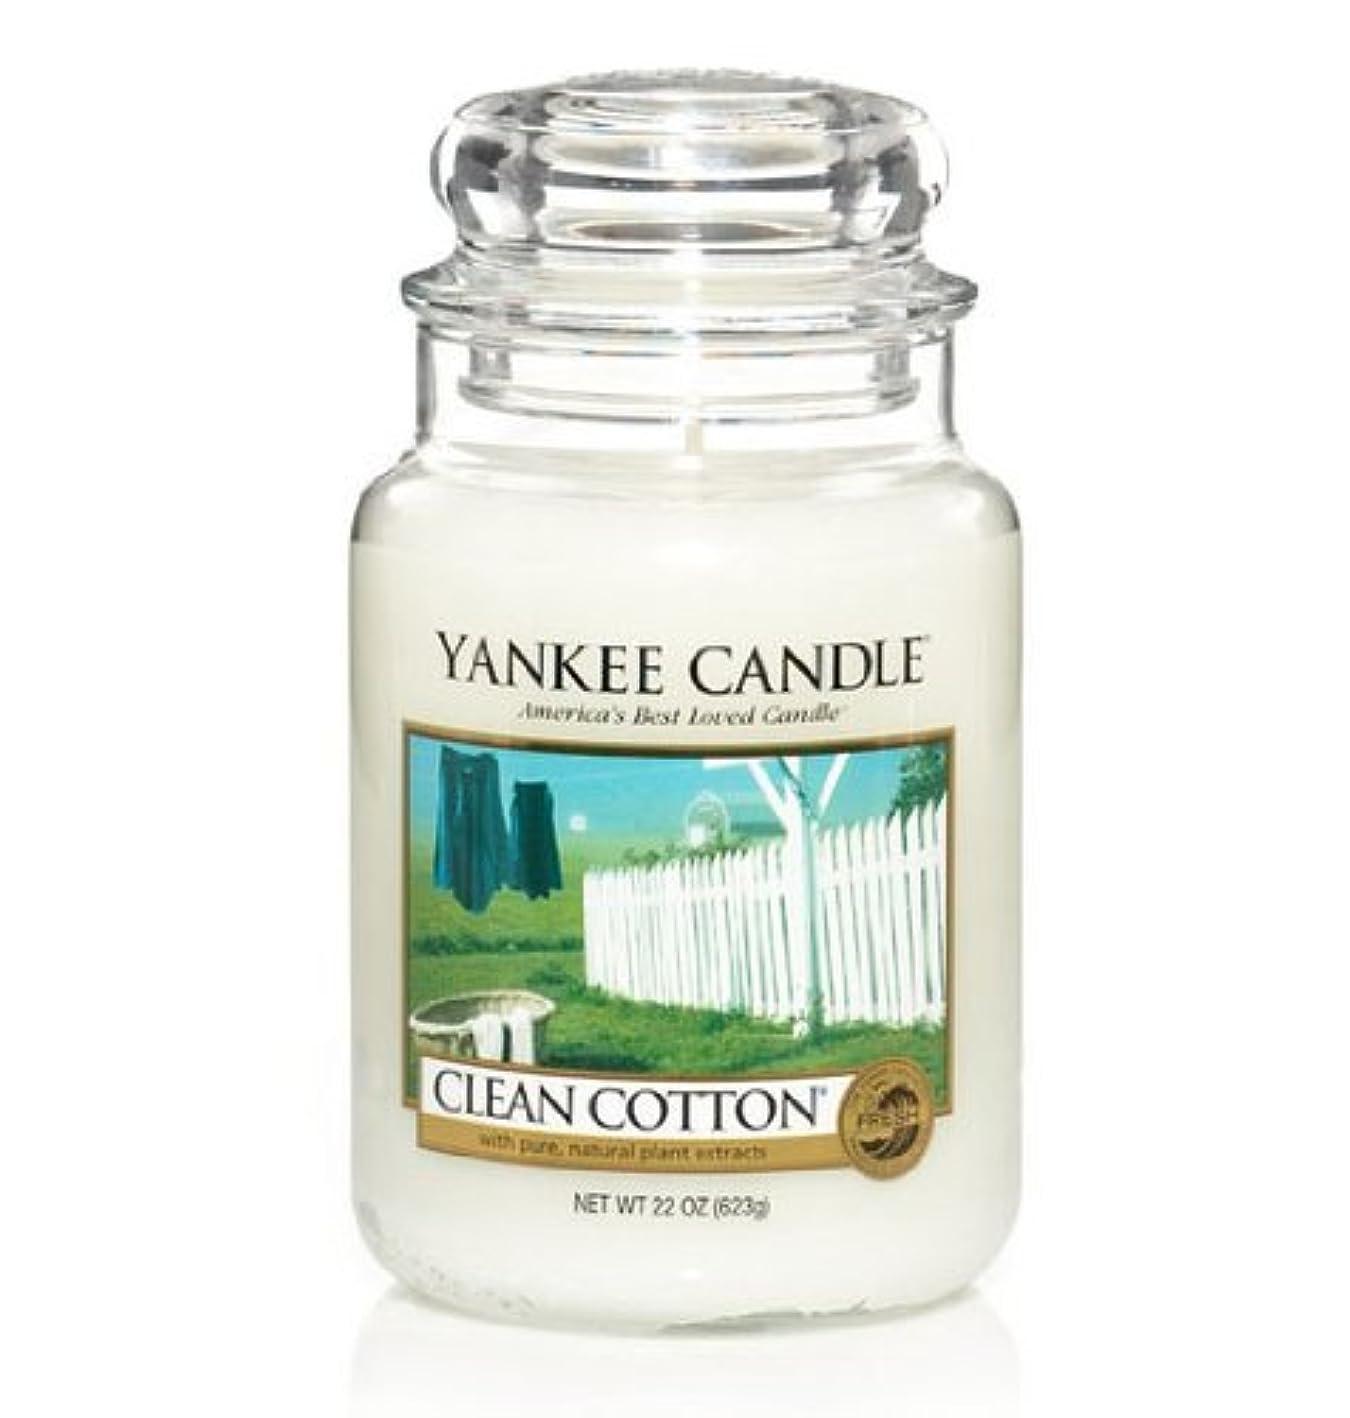 認可技術者コテージYankee Candle Clean Cotton Large Jar 22oz Candle [並行輸入品]